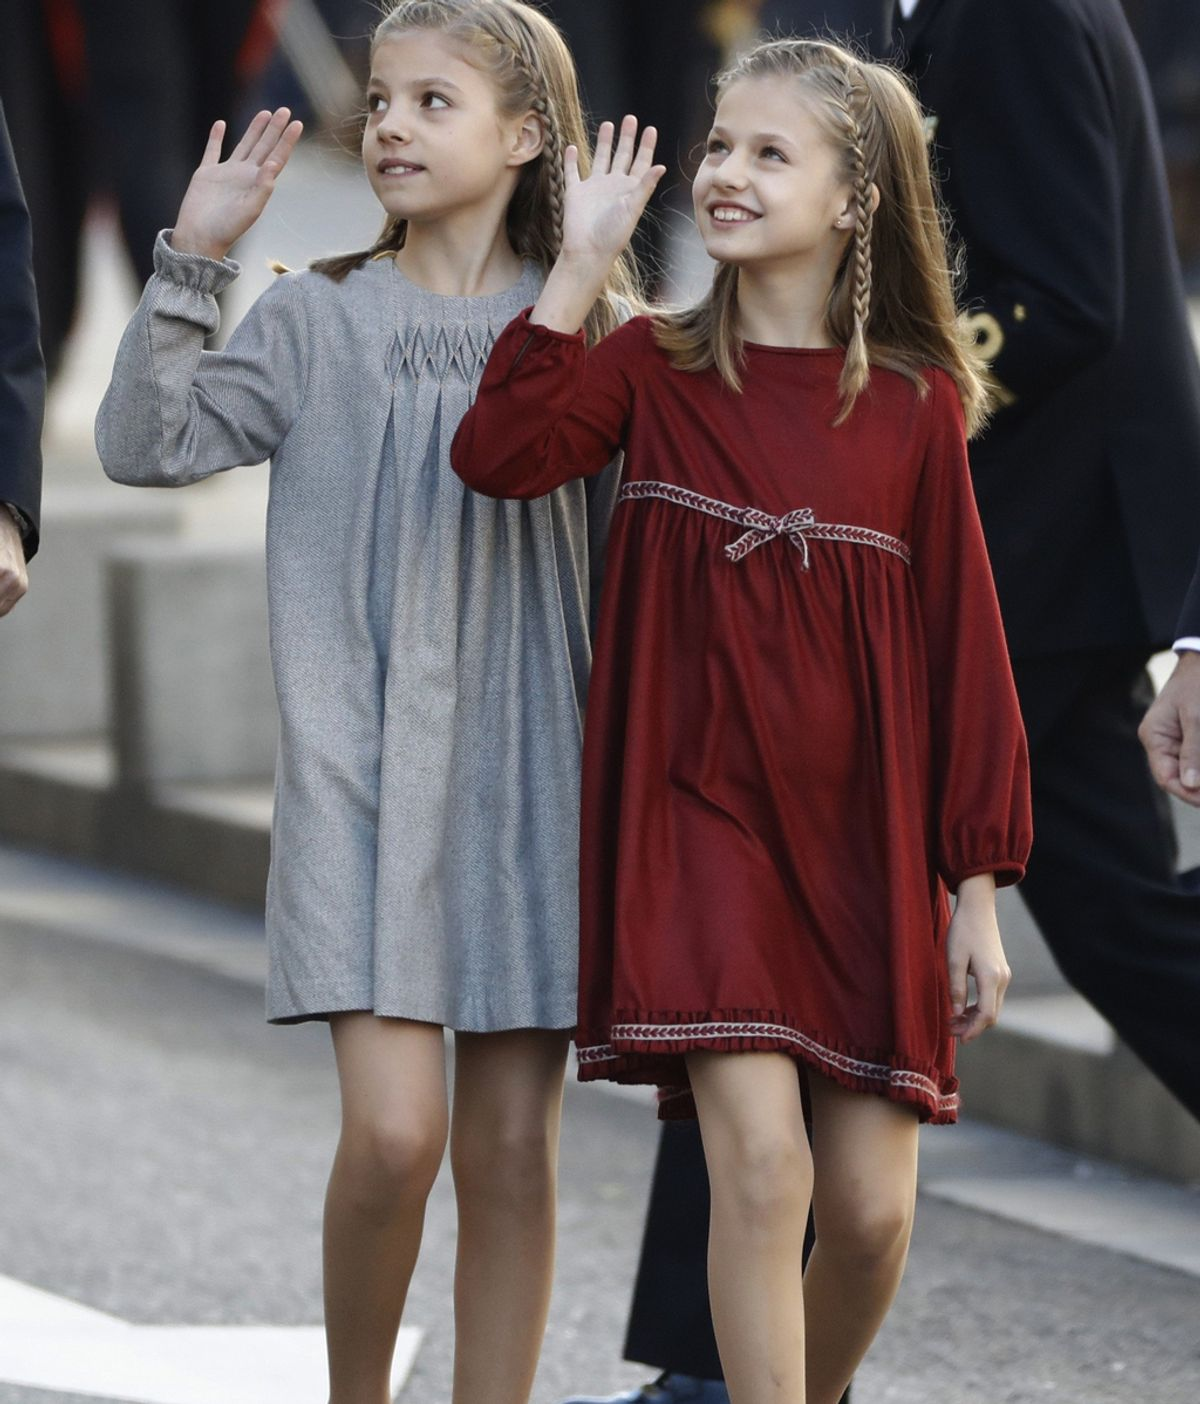 La princesa de Asturias y la infanta Sofía